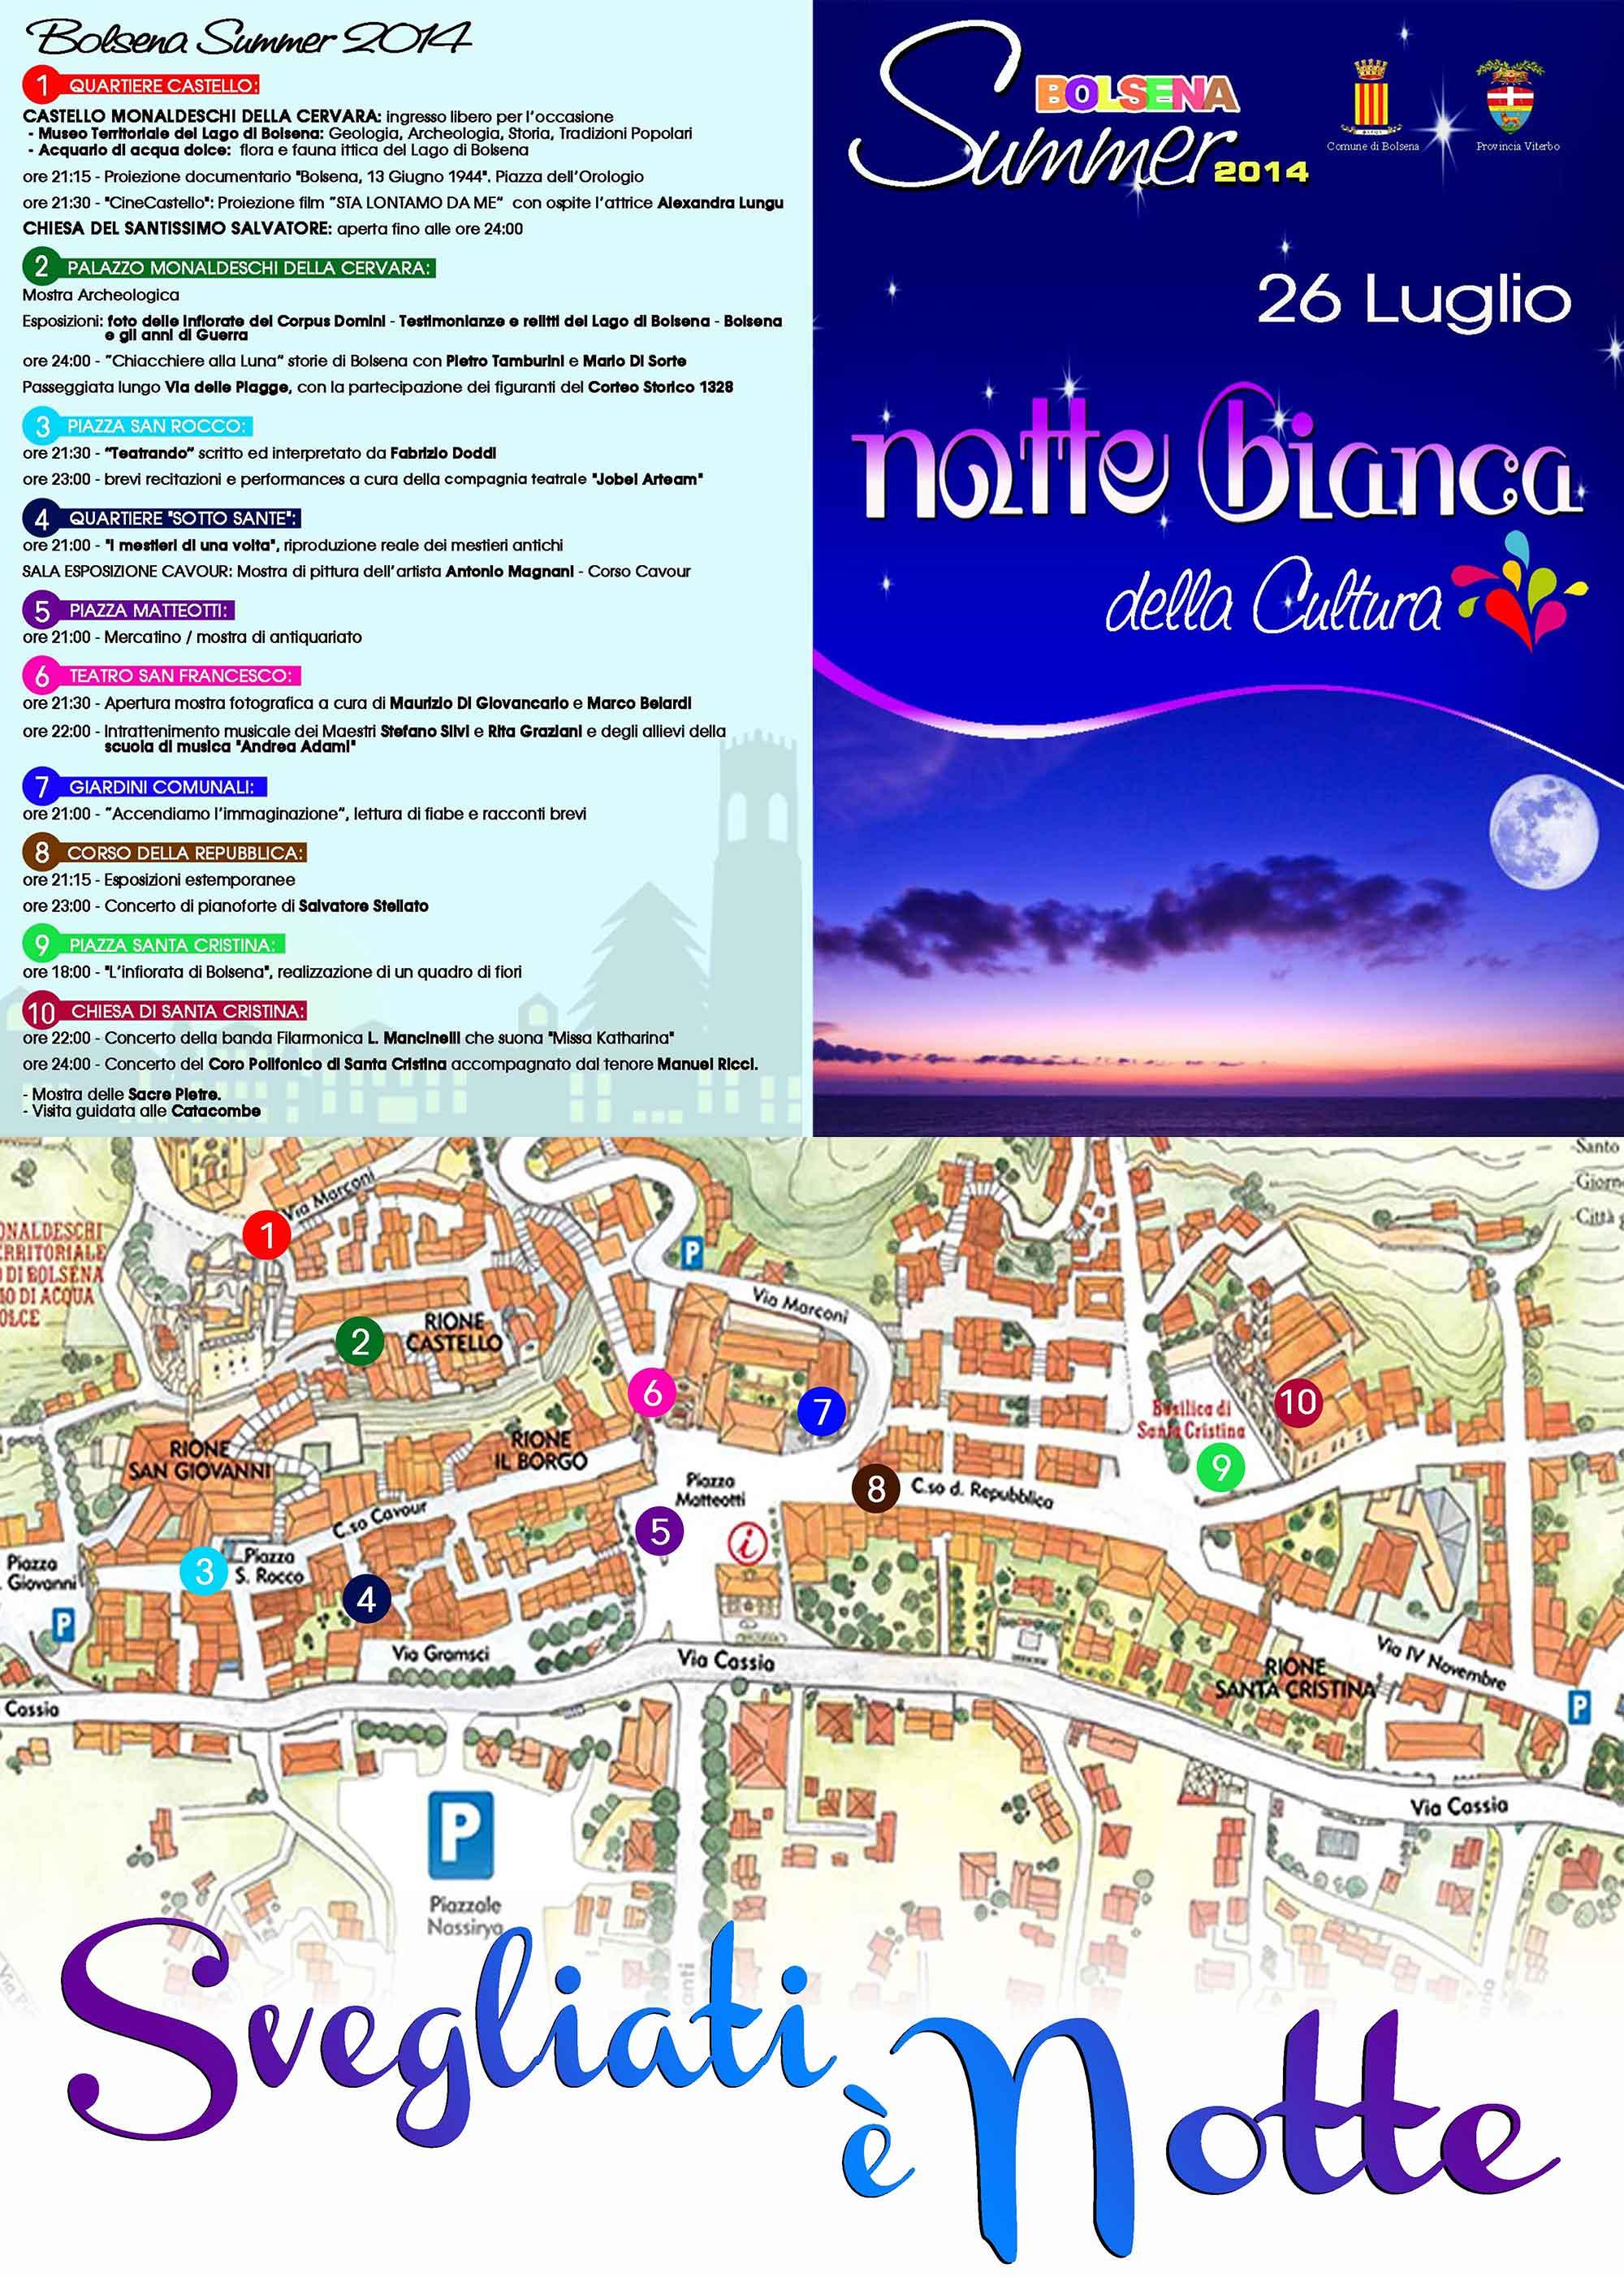 la notte bianca della cultura | visit bolsena - turismo eventi ... - Soggiorno Lago Di Bolsena